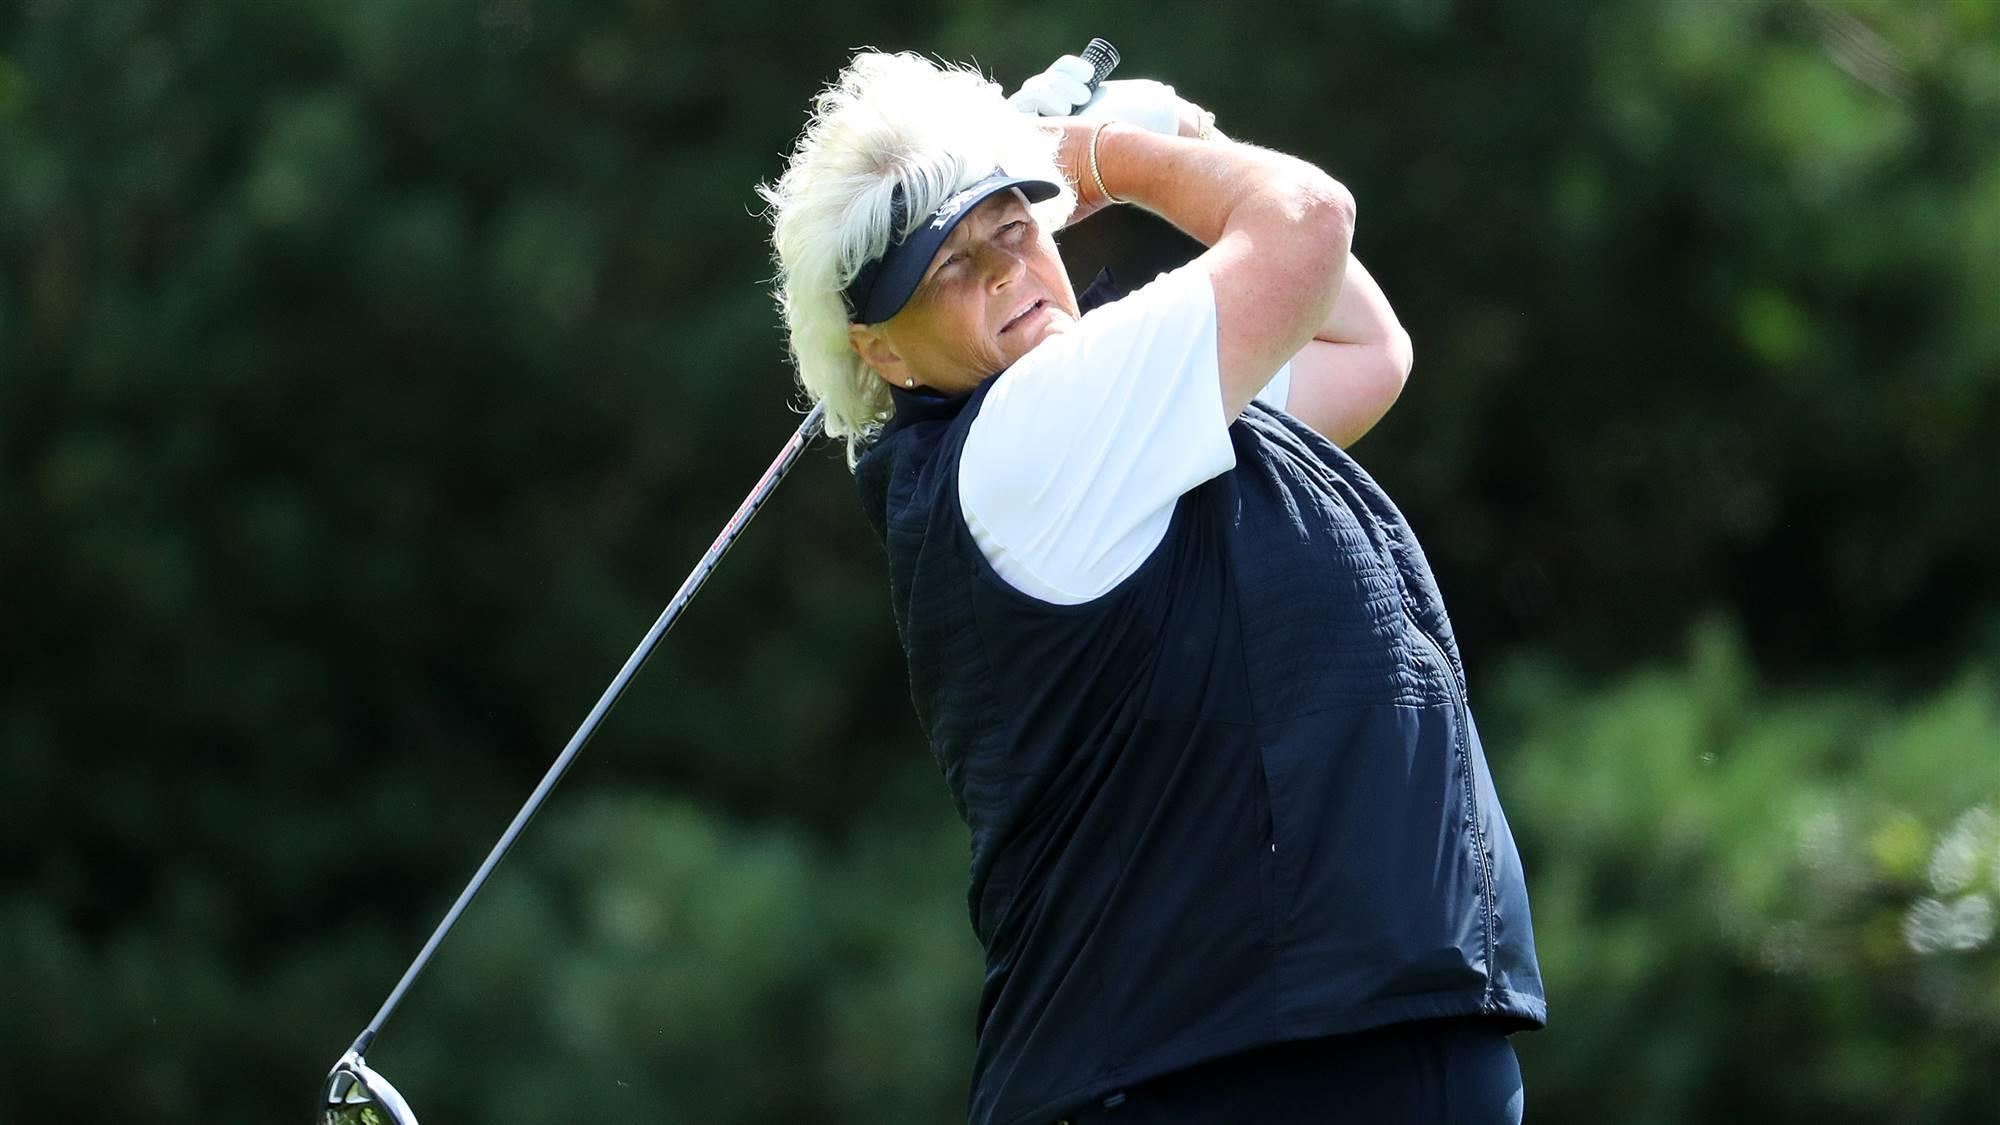 2021 Senior LPGA major schedule announced - Golf Australia ...